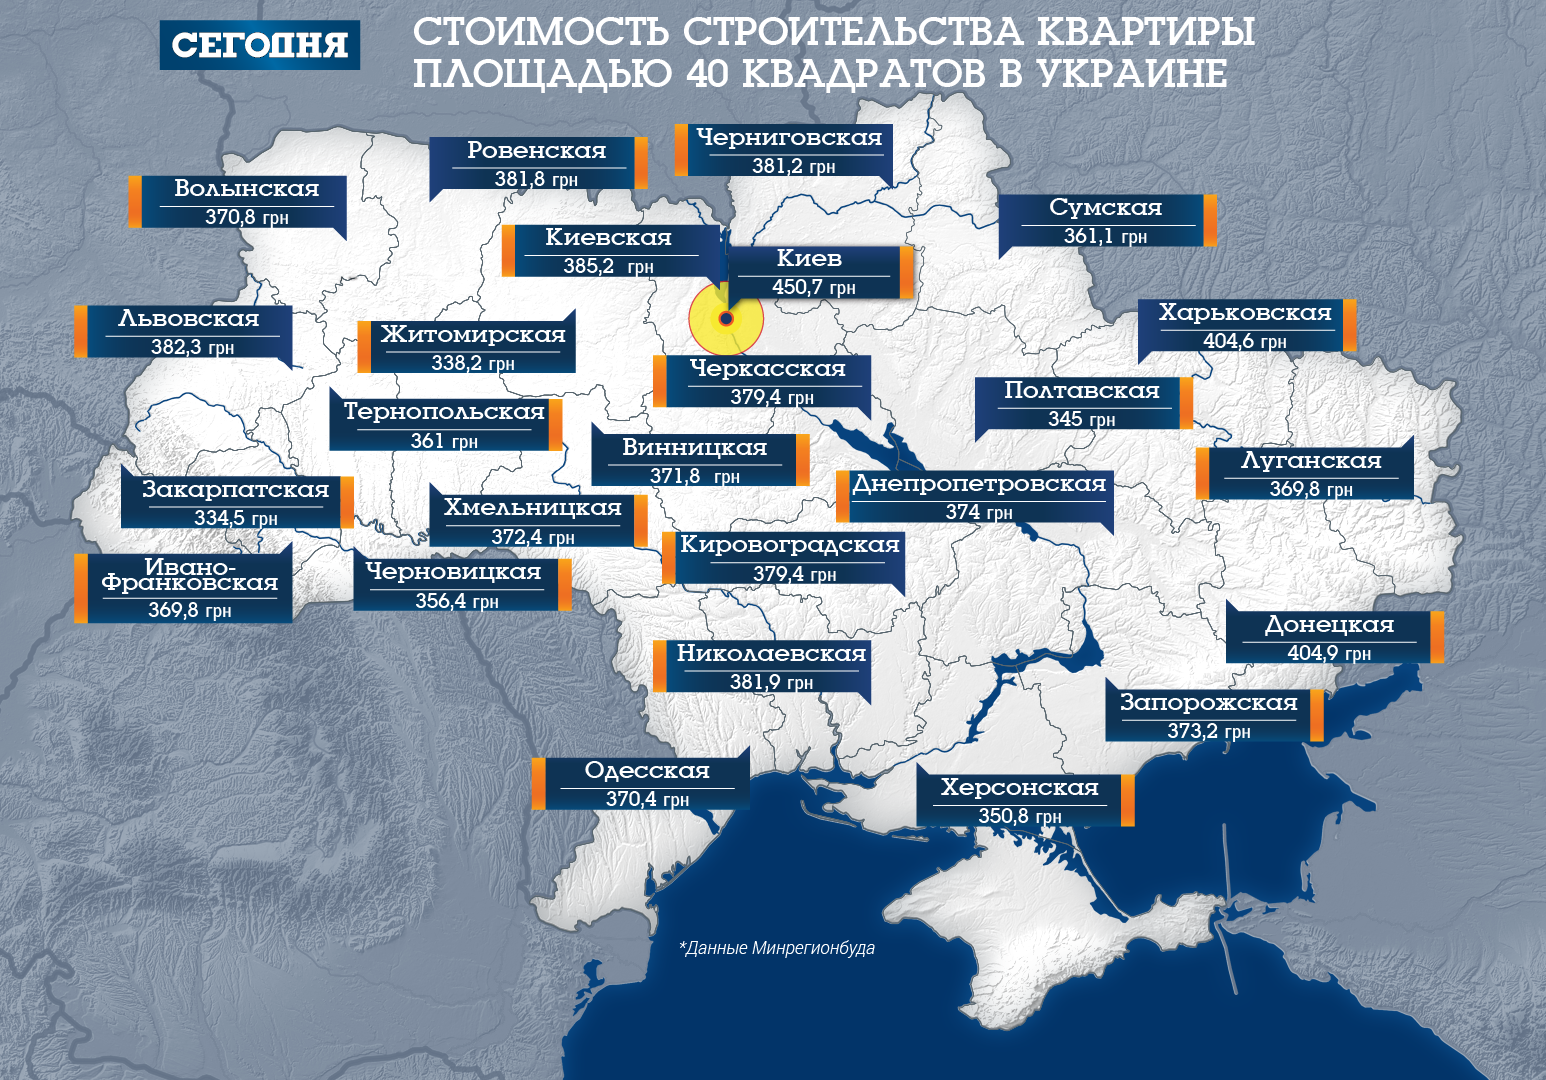 Стоимость строительства квартир в Украине: инфографика